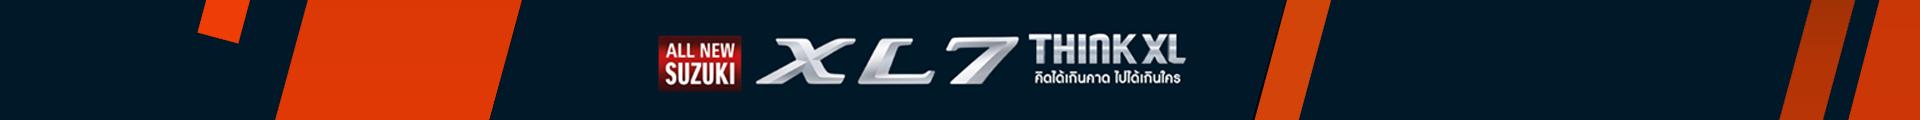 SUZUKI XL7